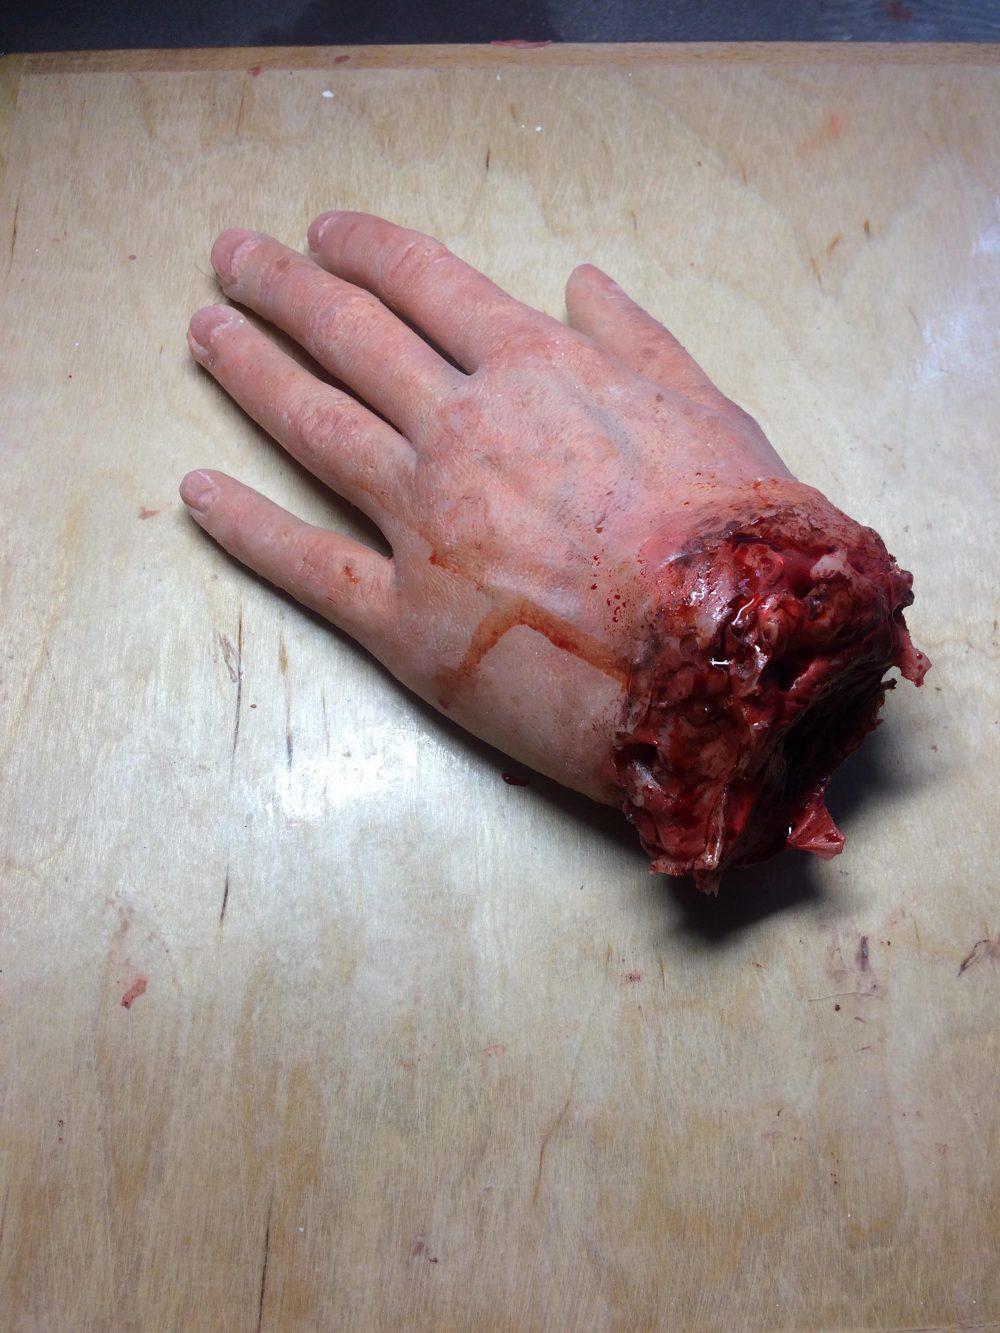 SFX fake hand